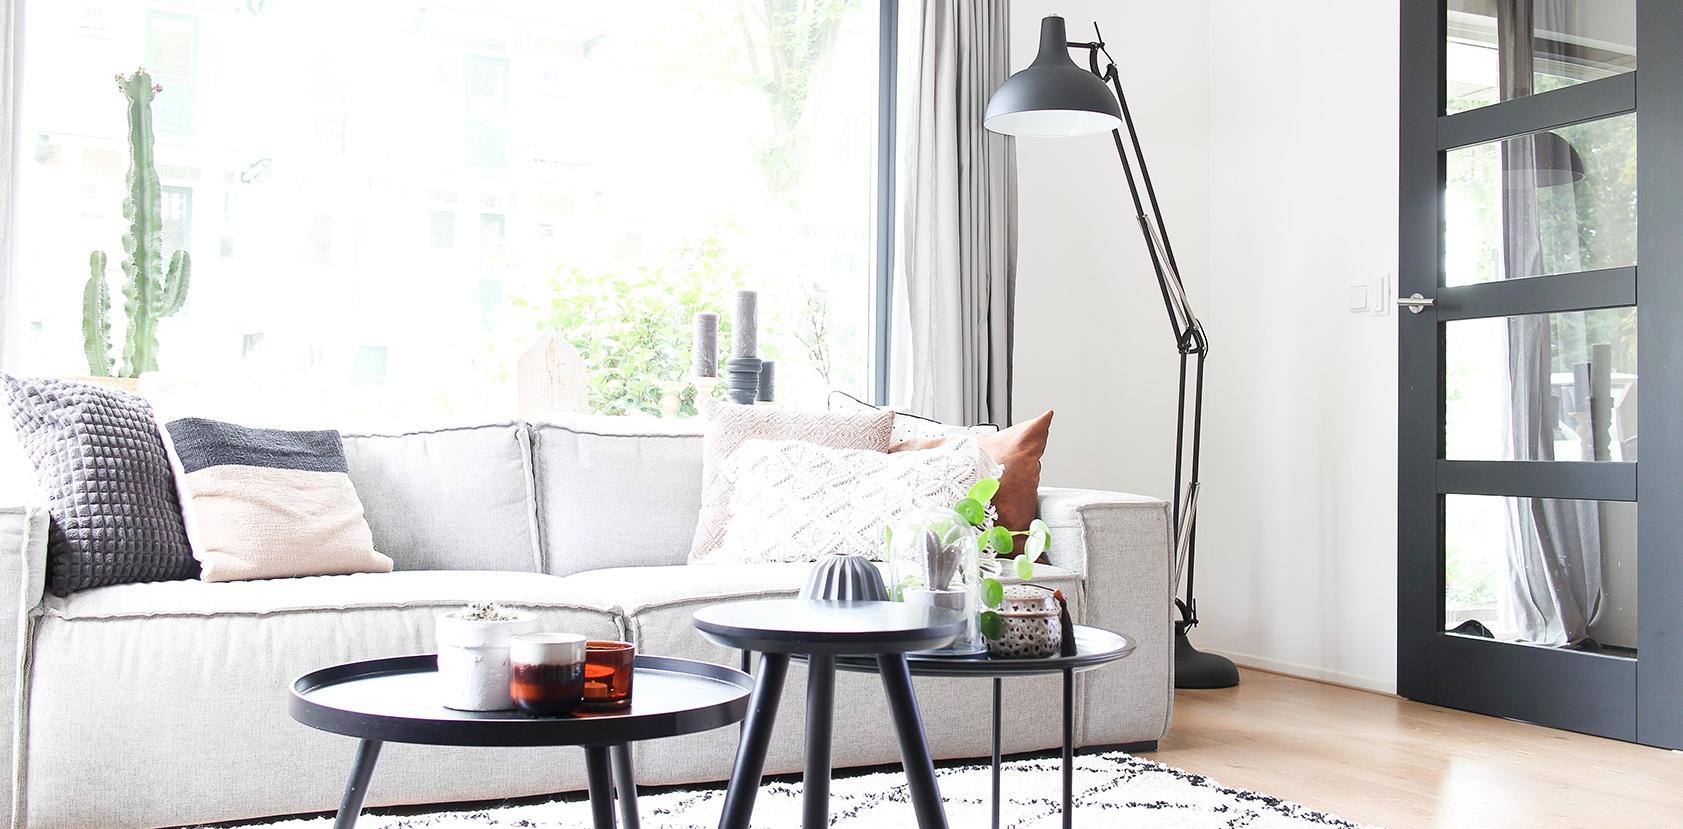 Herfstproof-interieur-header